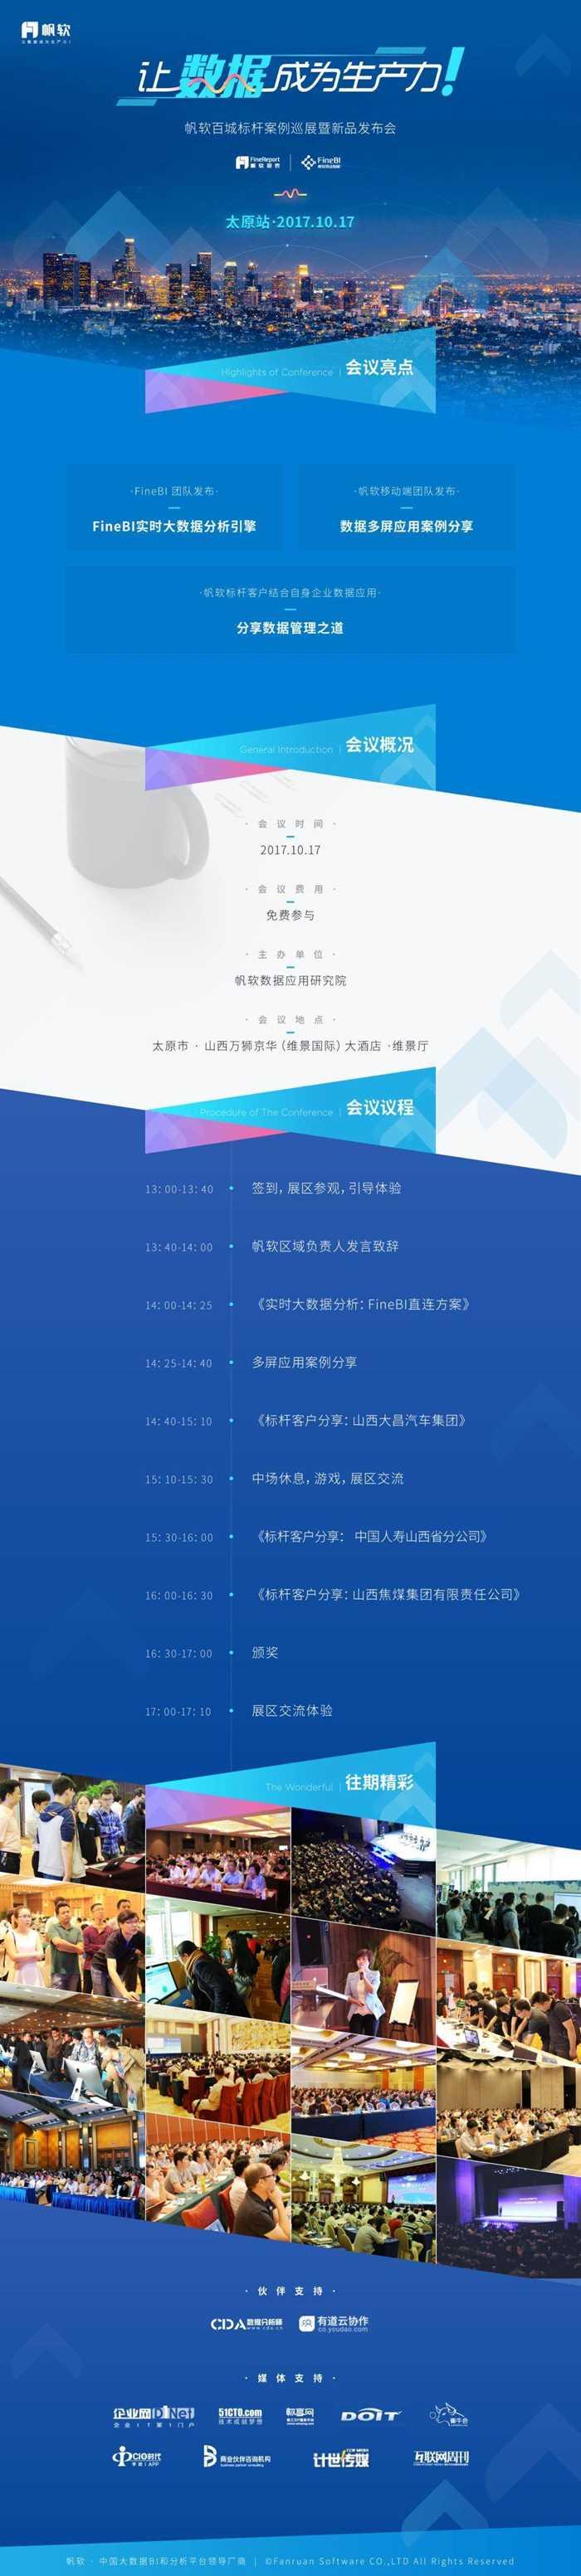 web邀请_太原站3@2.jpg